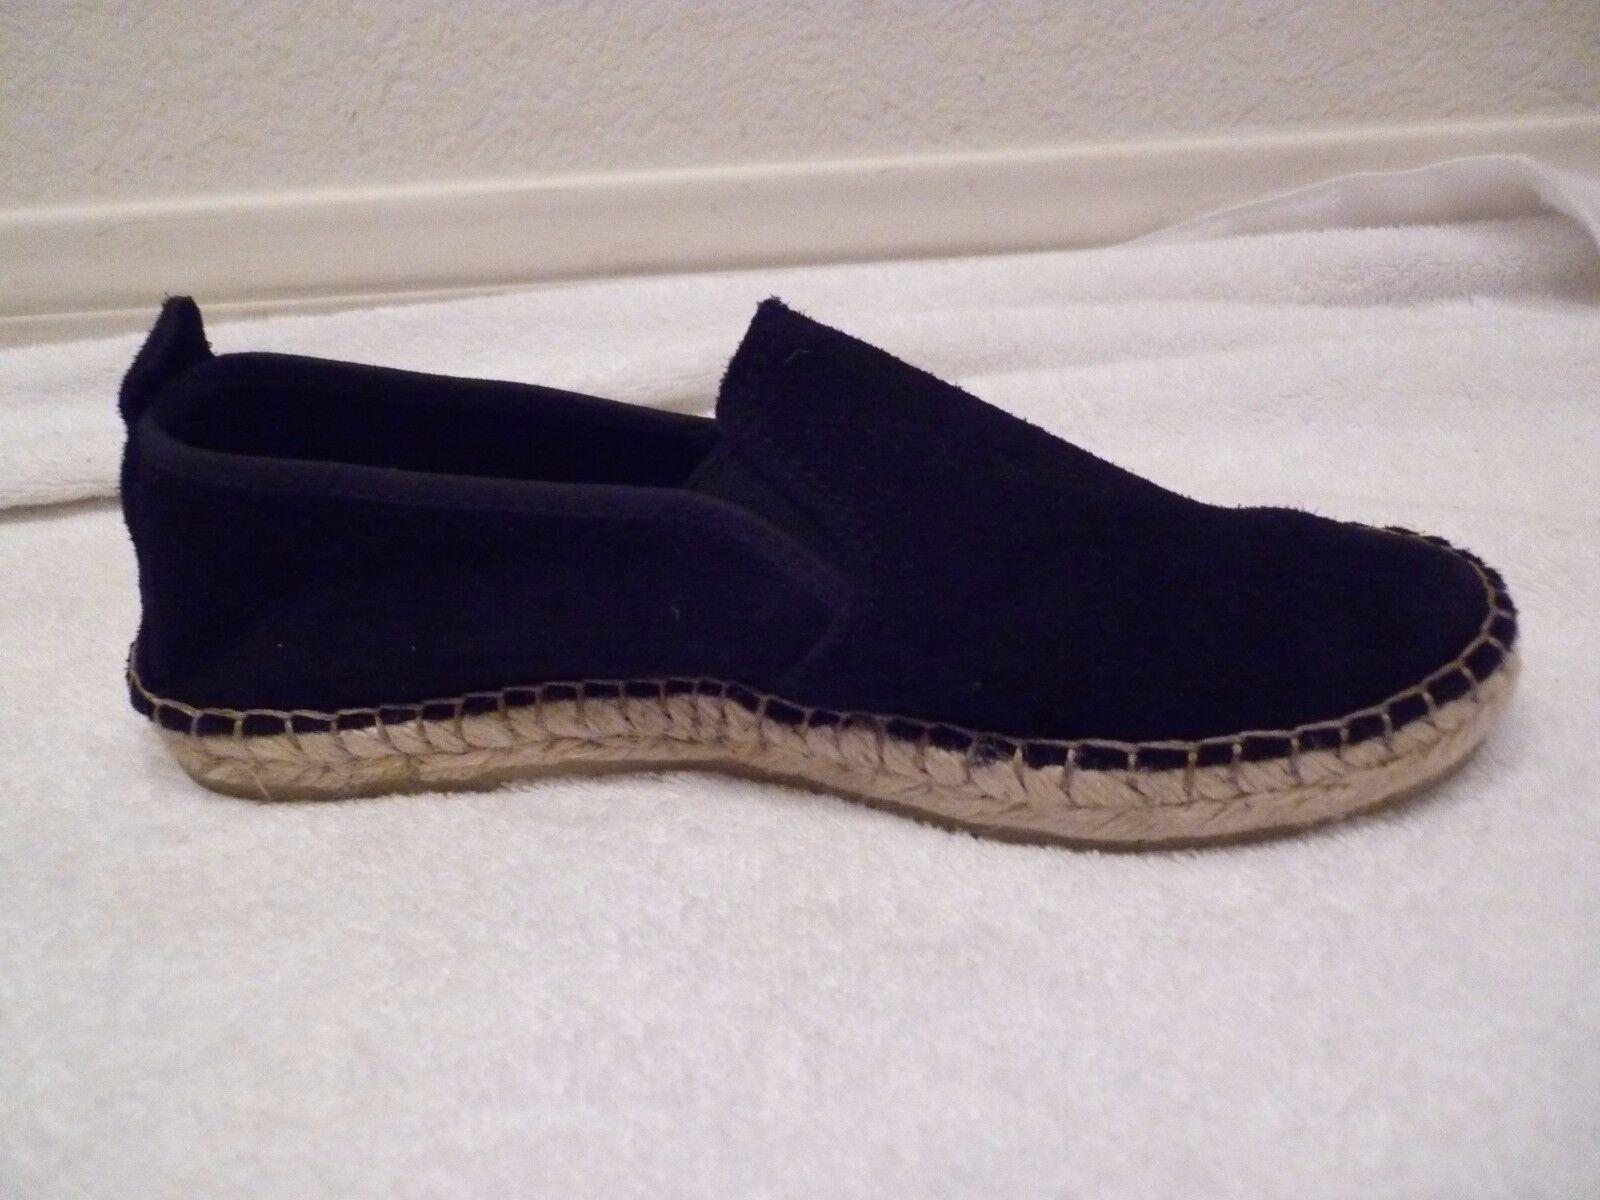 Free People Canyon espadrills Slip On Suede Negro Zapatos Talla Talla Talla 37 7 US  Venta en línea precio bajo descuento